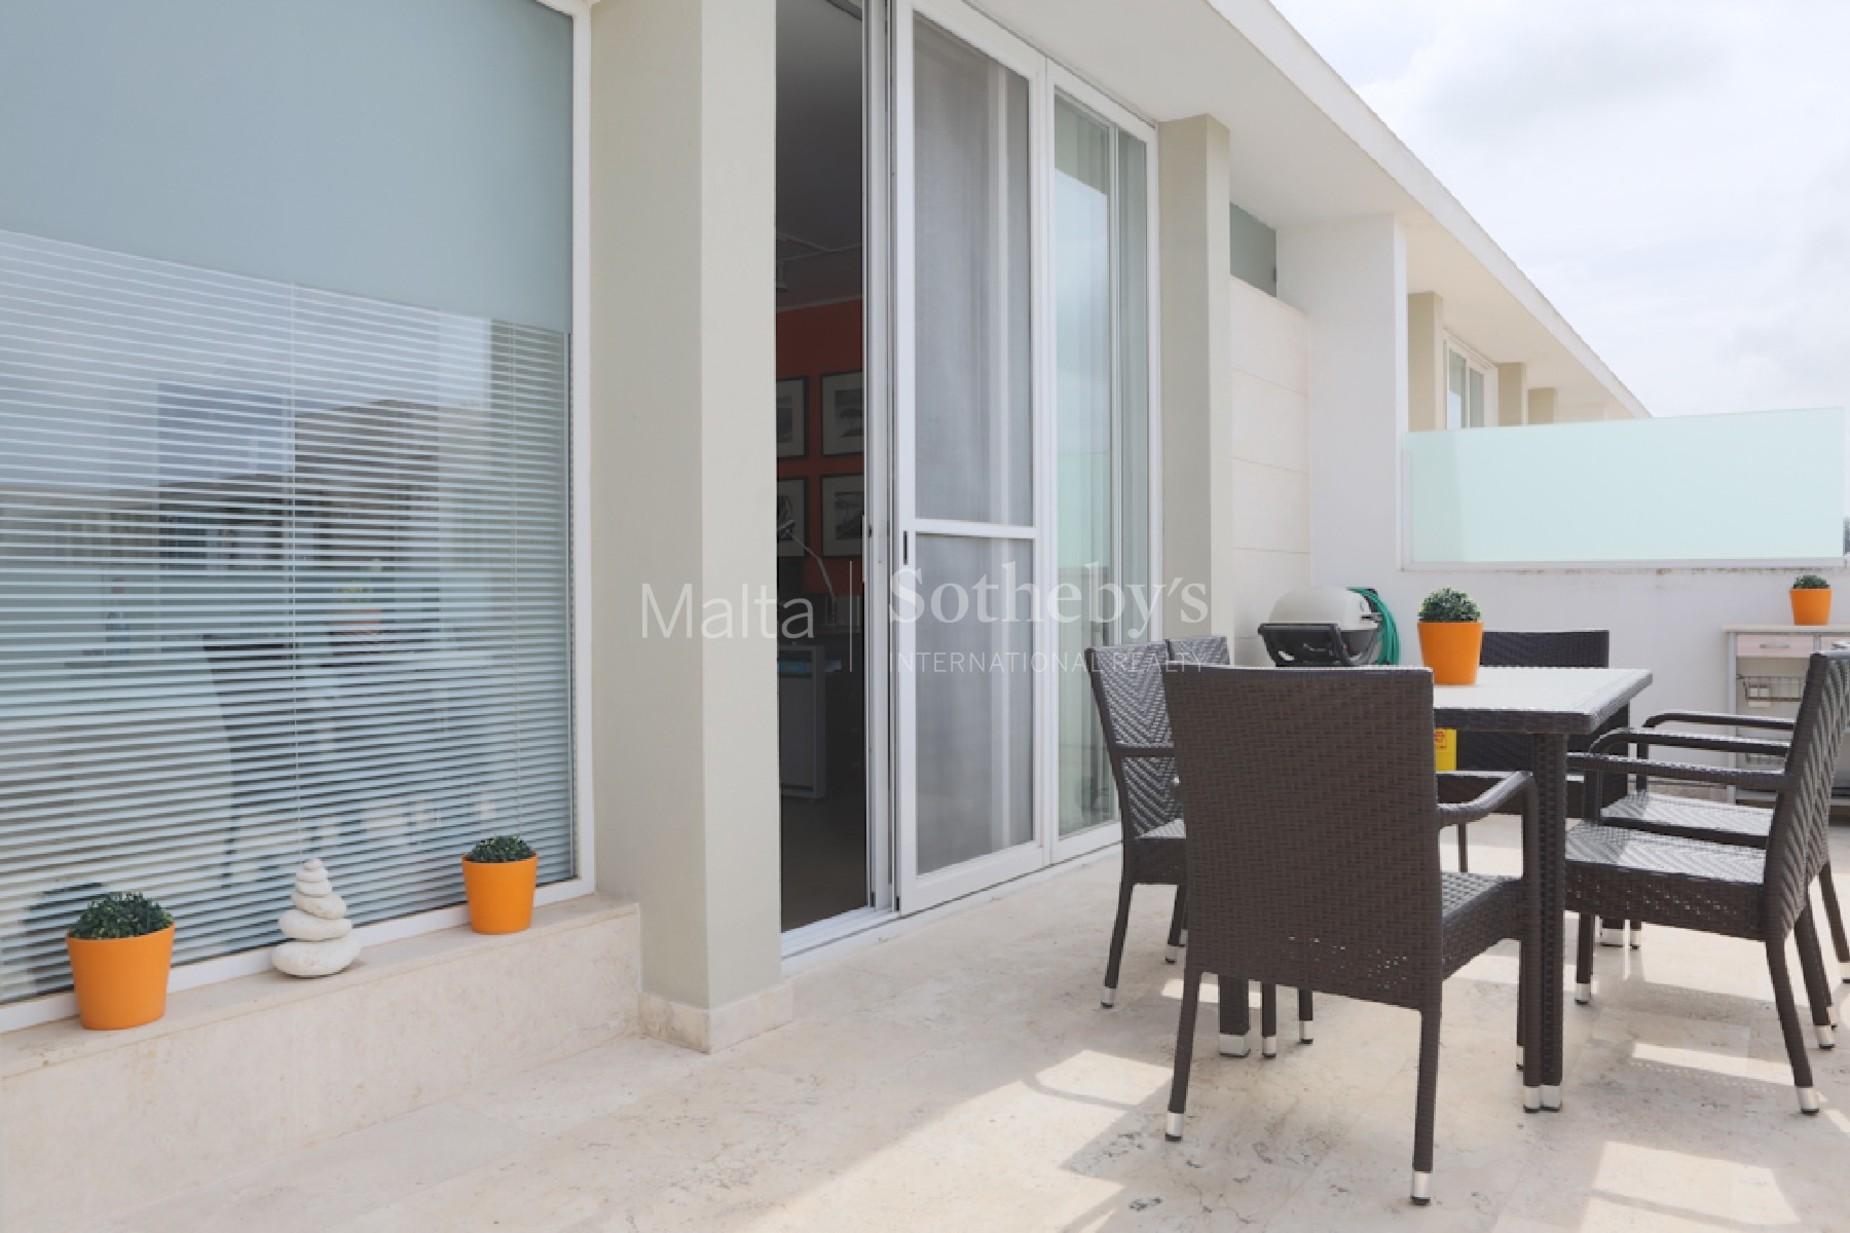 3 bed Penthouse For Rent in Balzan, Balzan - thumb 13